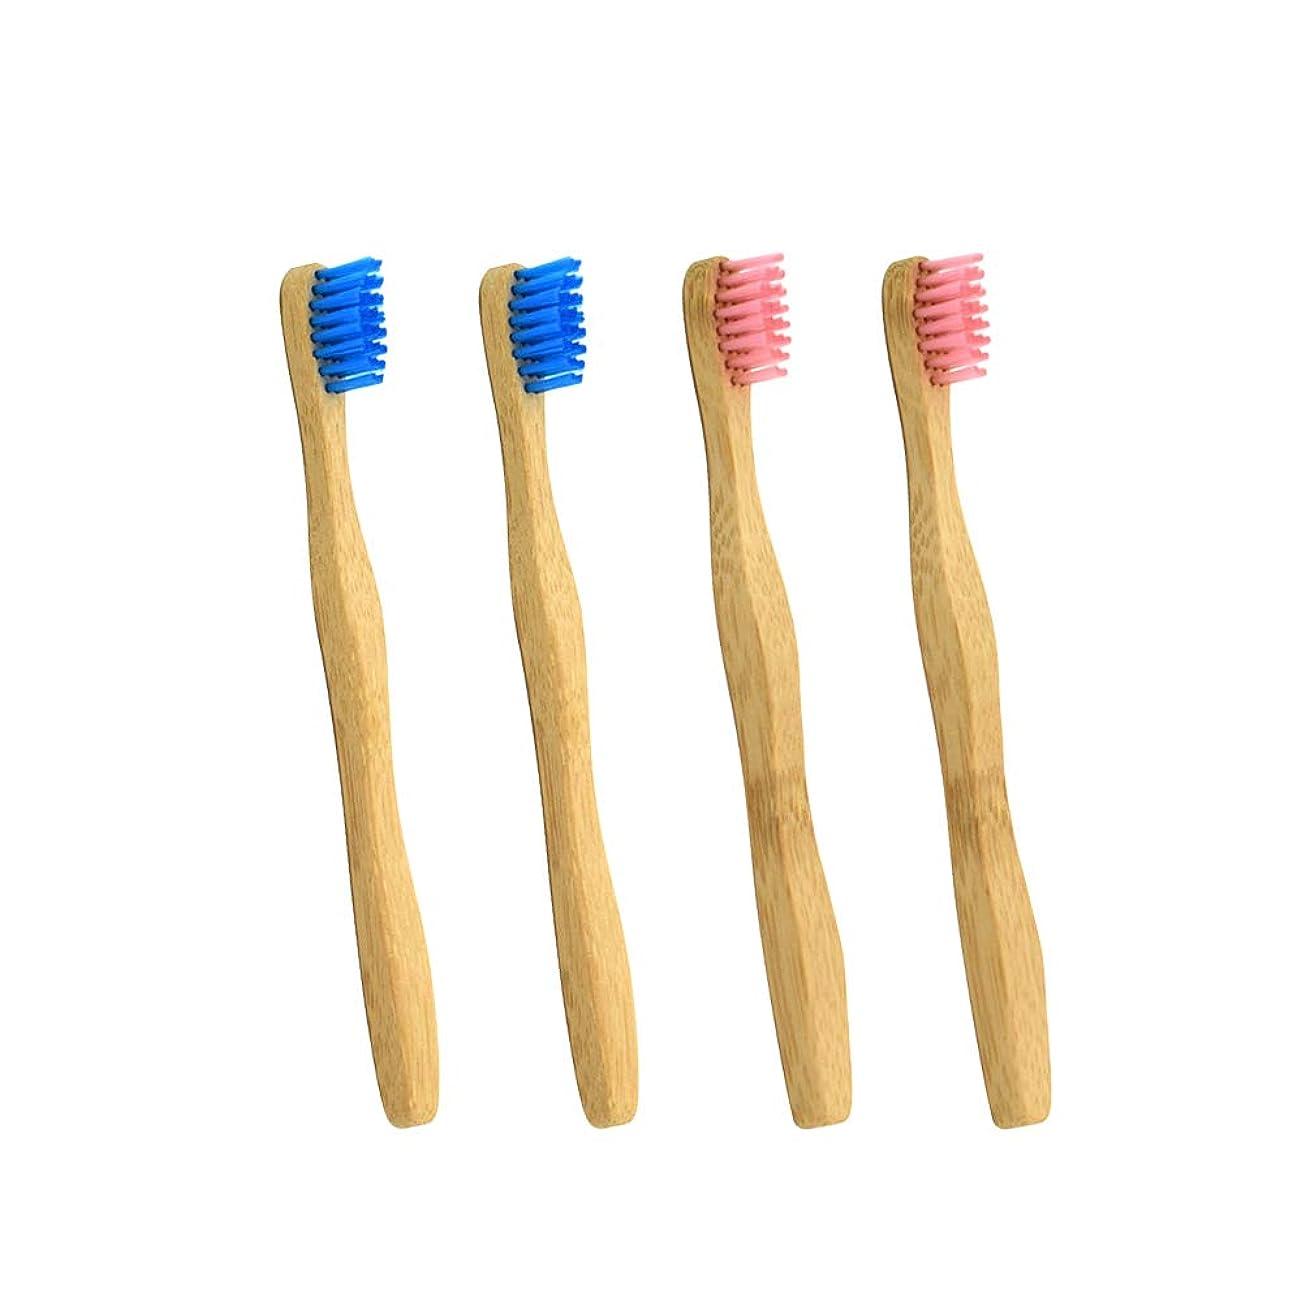 どれ手足リーンHEALIFTY 子供の竹の歯ブラシ環境に優しい抗菌性の子供の歯ブラシ4本